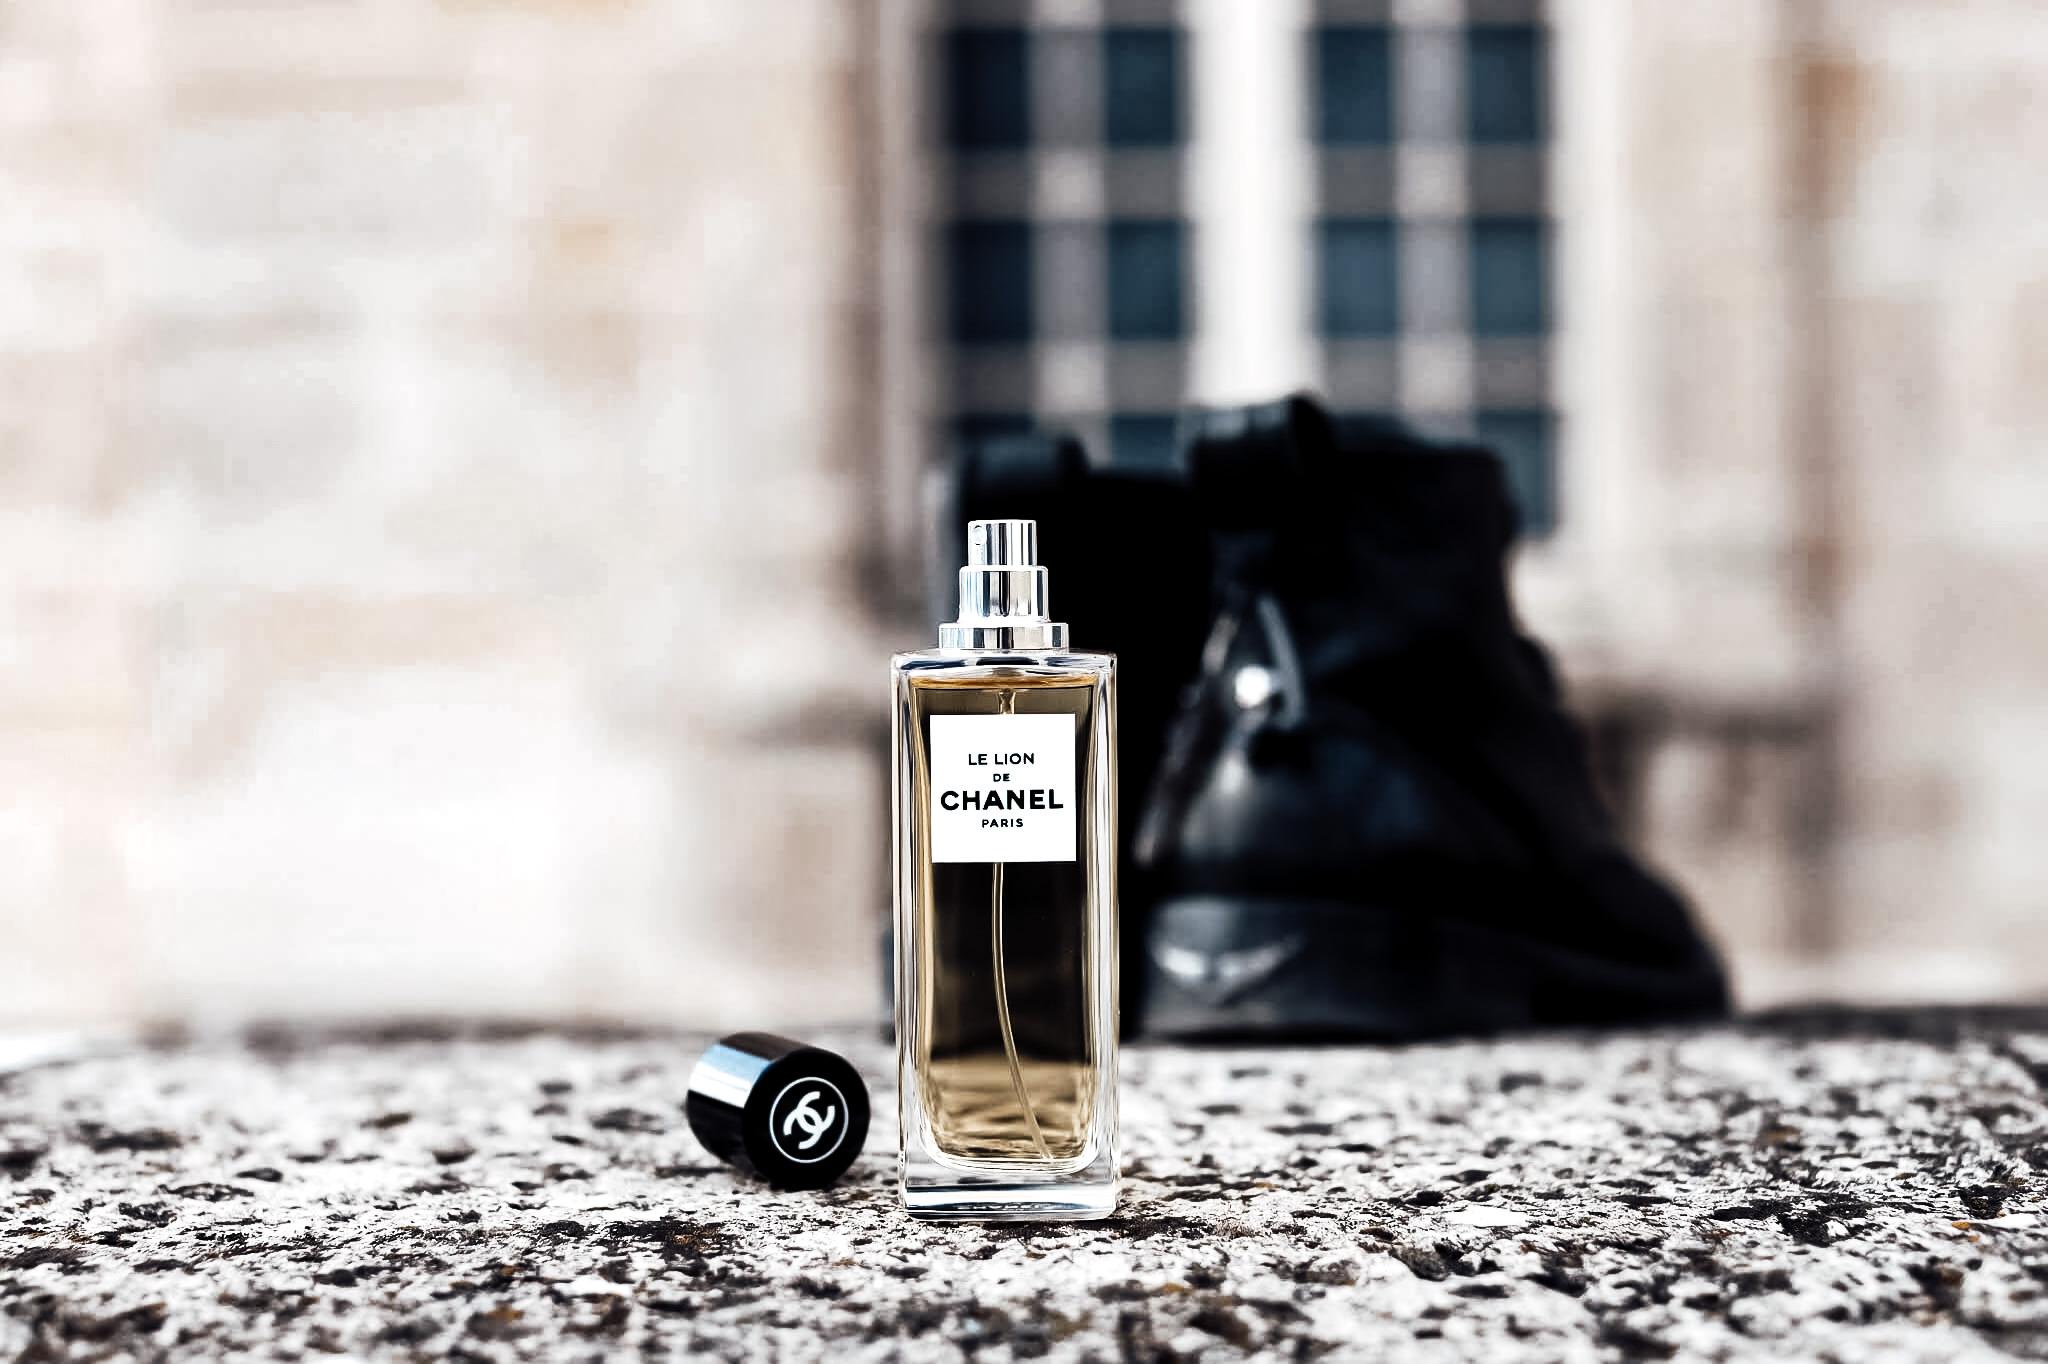 Chanel Le Lion Parfum Les Exclusifs